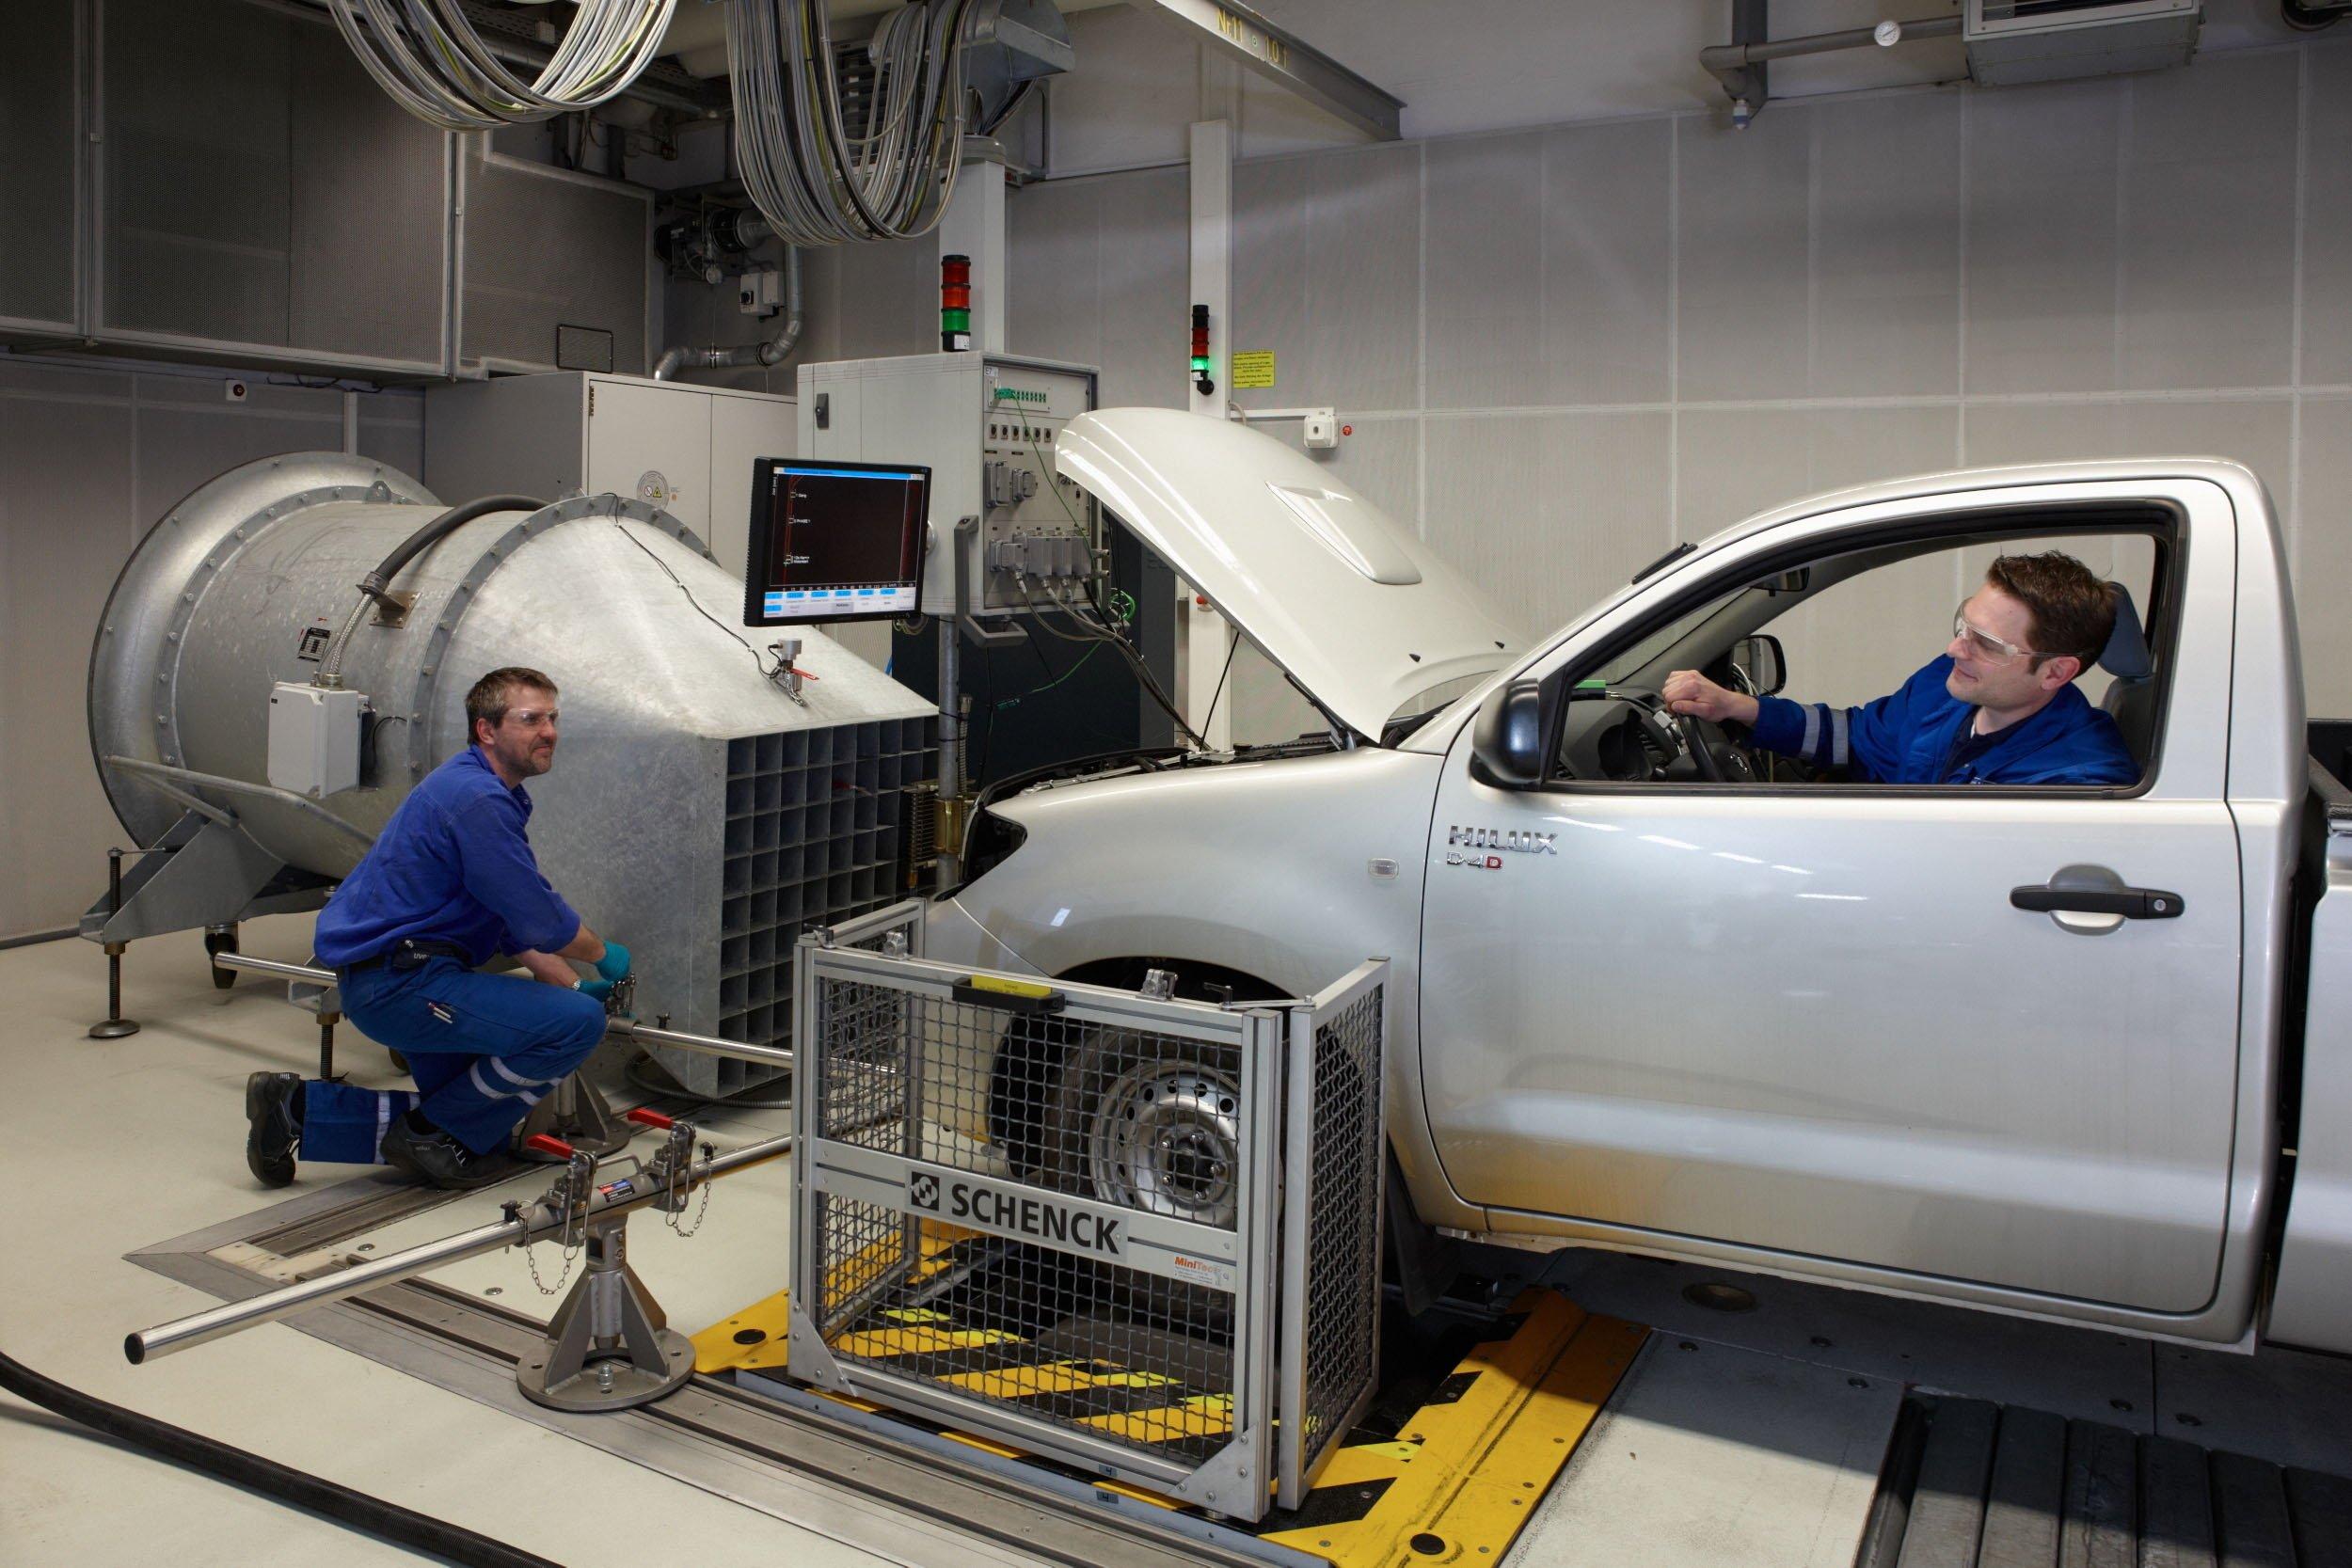 Auto auf einem Prüfstand der BP/Aral-Kraftstoffforschung: Die Hersteller schöpfen die Möglichkeiten auf Prüfständen immer besser aus, um den offiziellen Kraftstoffverbrauch nach unten zu drücken.